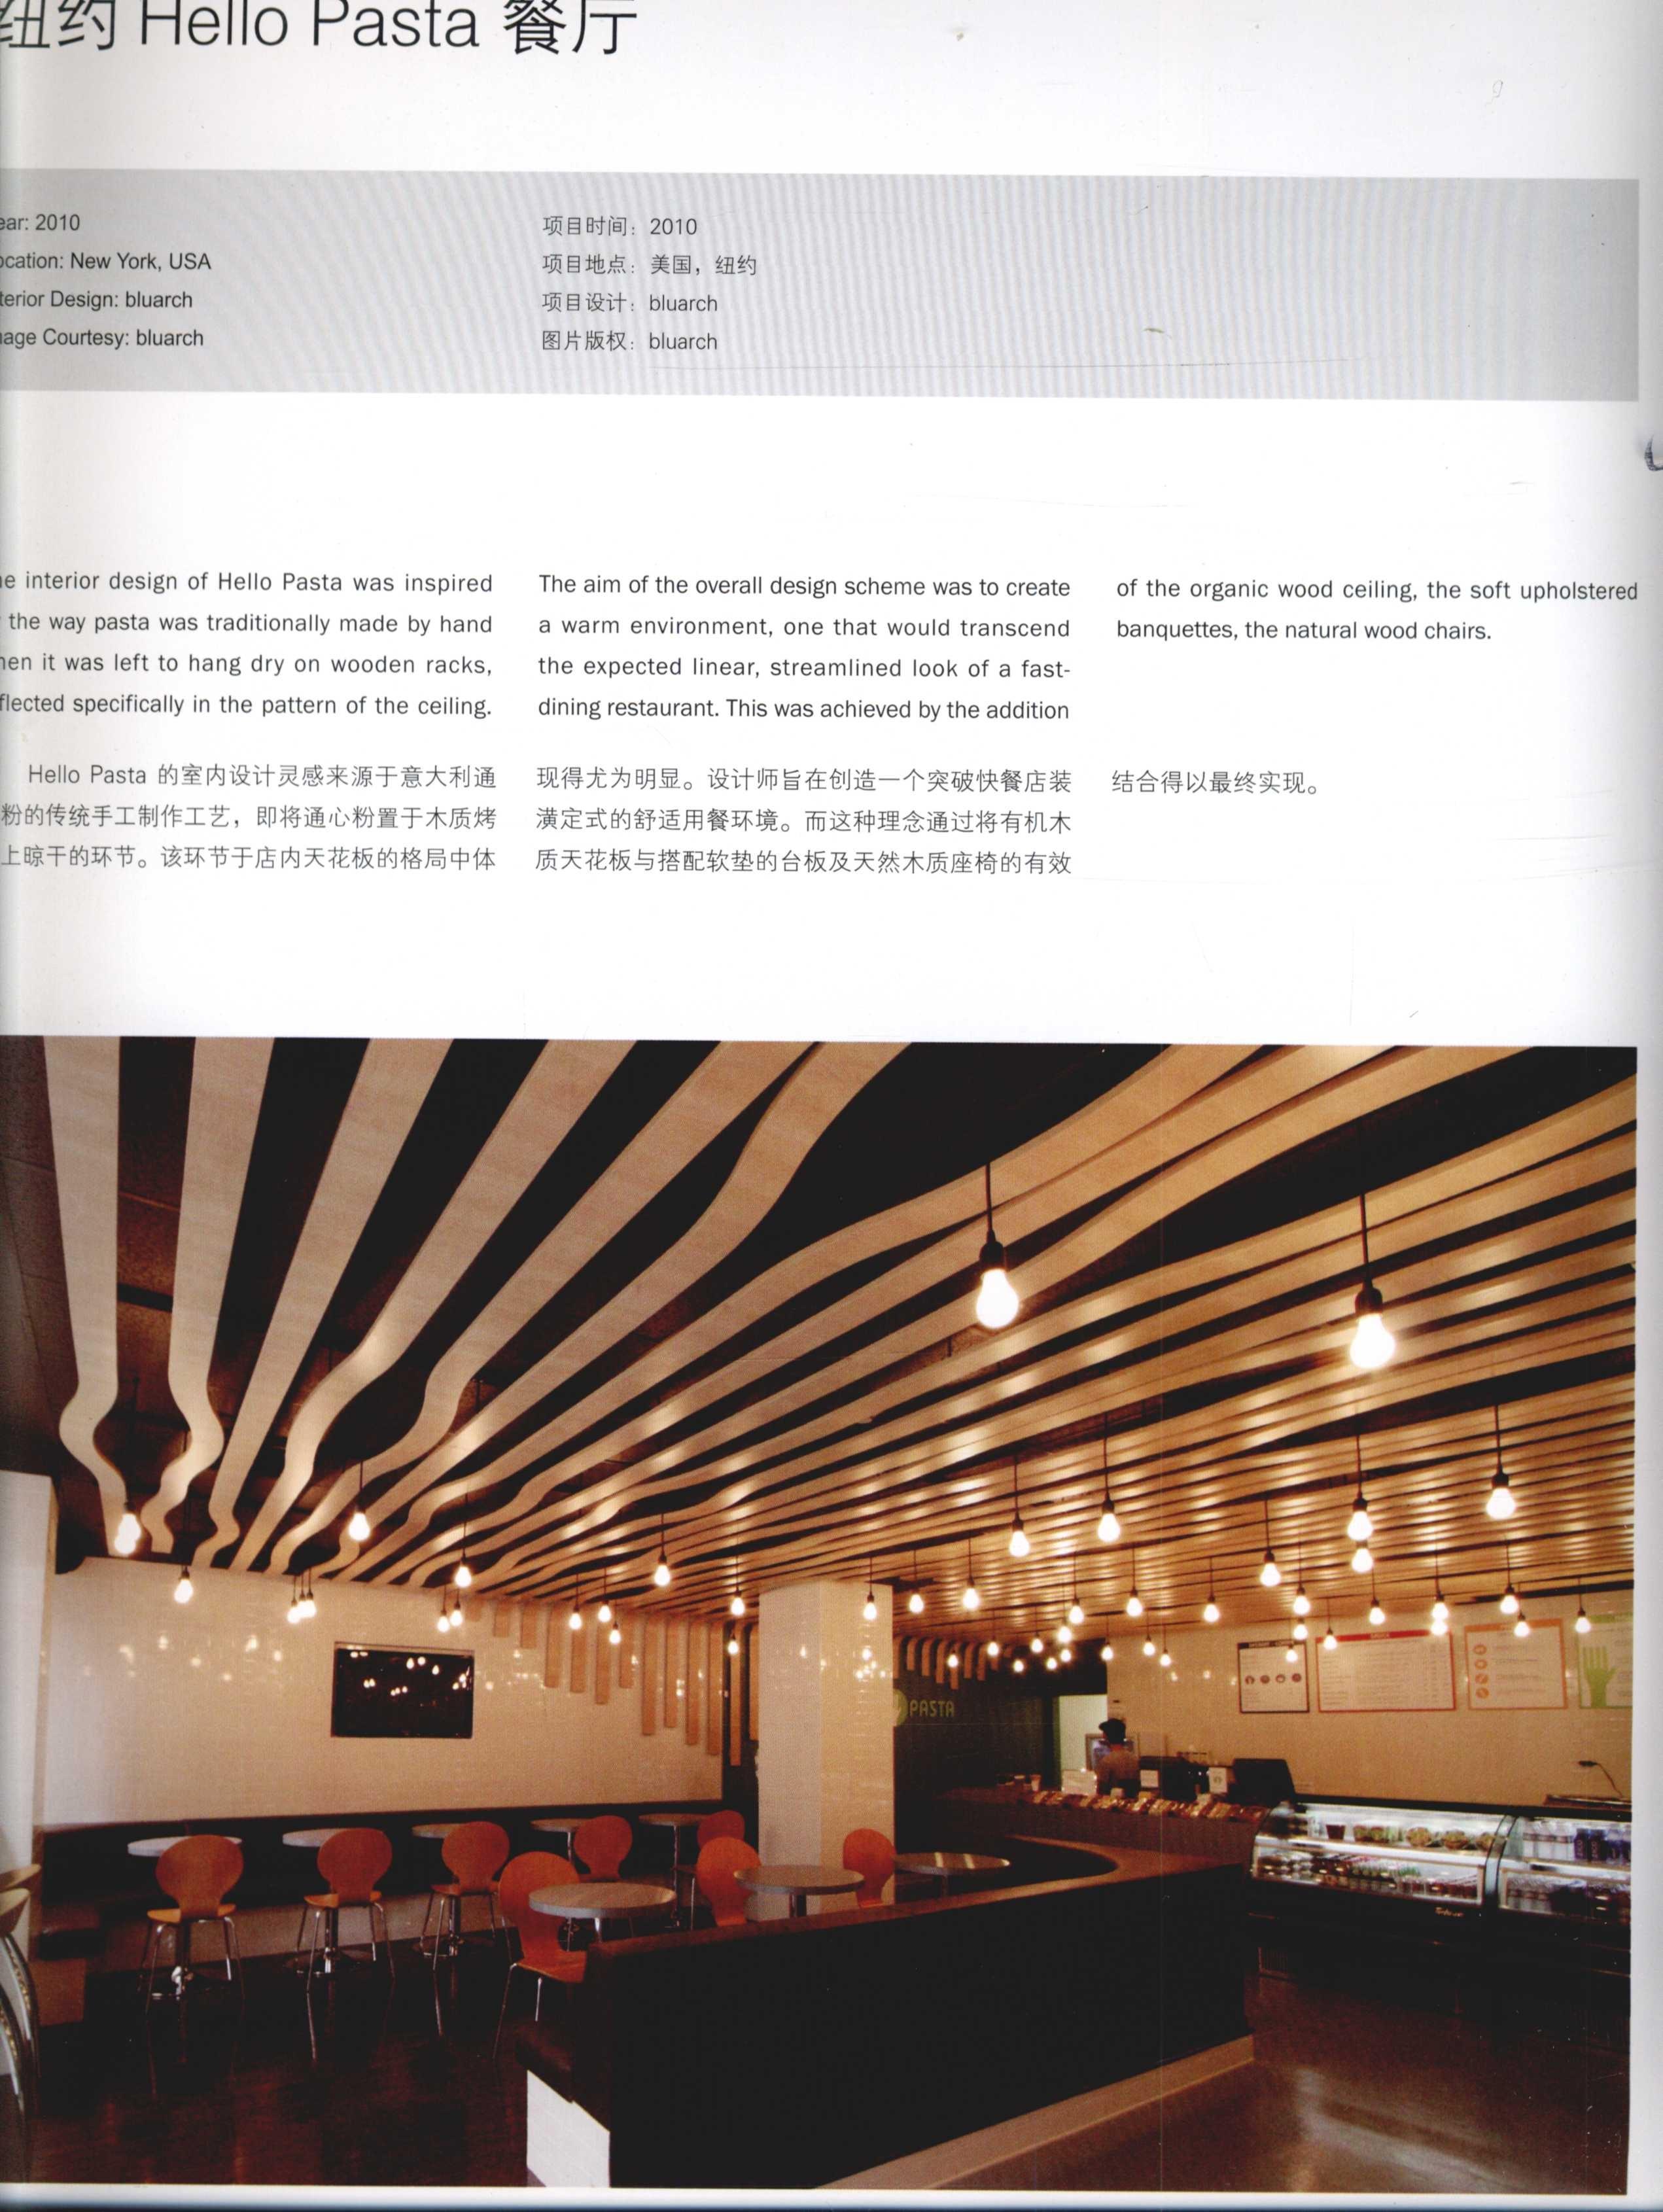 2012全球室内设计年鉴  餐饮_Page_056.jpg